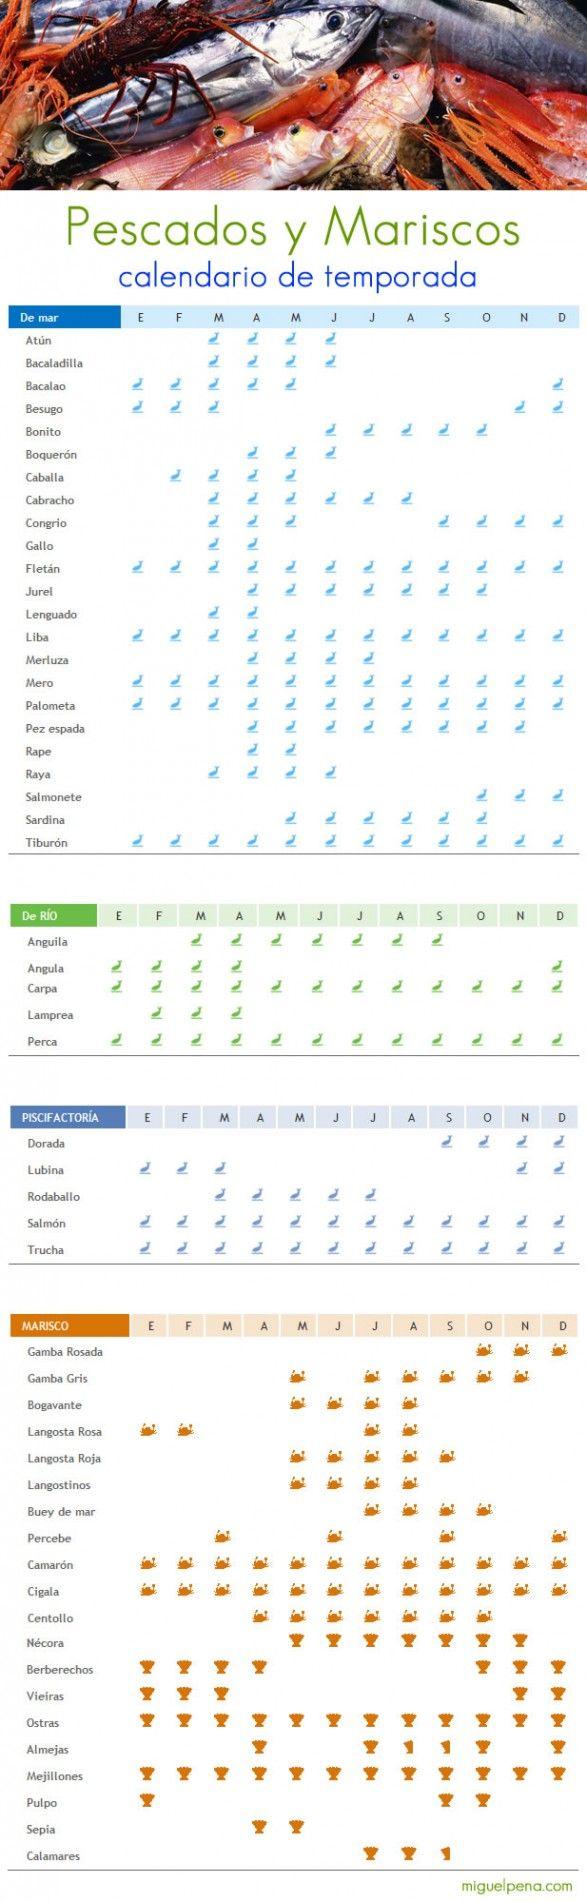 Calendario de temporada para pescados y mariscos